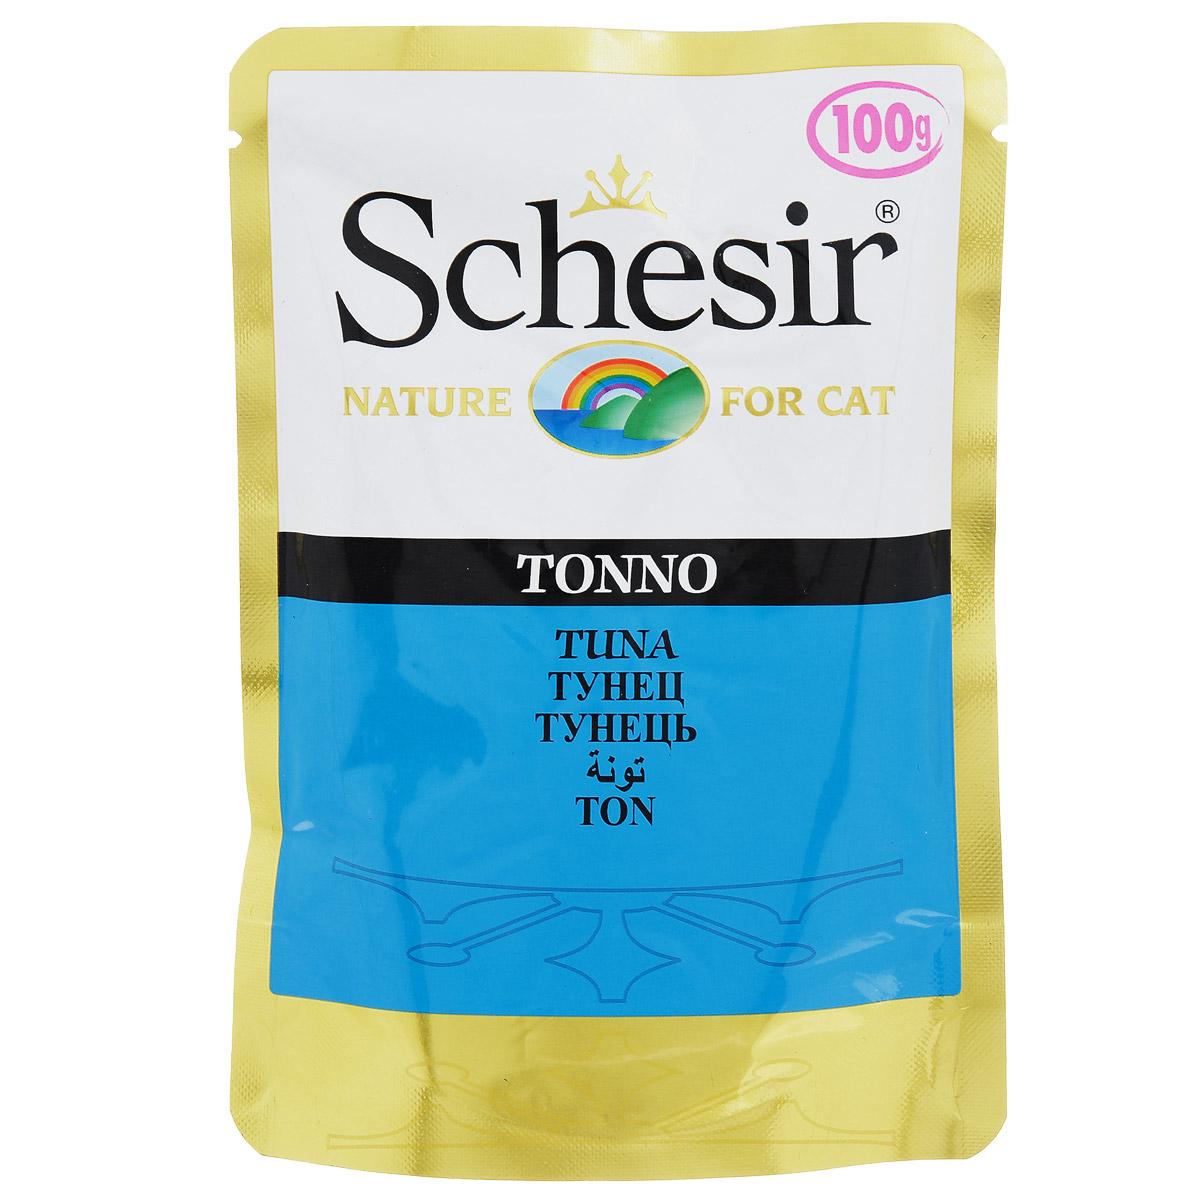 Консервы для кошек Schesir, с тунцом, 100 г15123Консервы Schesir - это полнорационный корм для кошек. Состав: тунец (50% минимум), овощное желе. Содержание элементов: сырой протеин 12%, жиры 0,5%, клетчатка 0,1%, зола 1,2%, влажность 82%. Витамины: А - 1325 МЕ, D3 - 110 МЕ, Е - 15 мг, таурин 160 мг. Вес: 100 г. Товар сертифицирован.